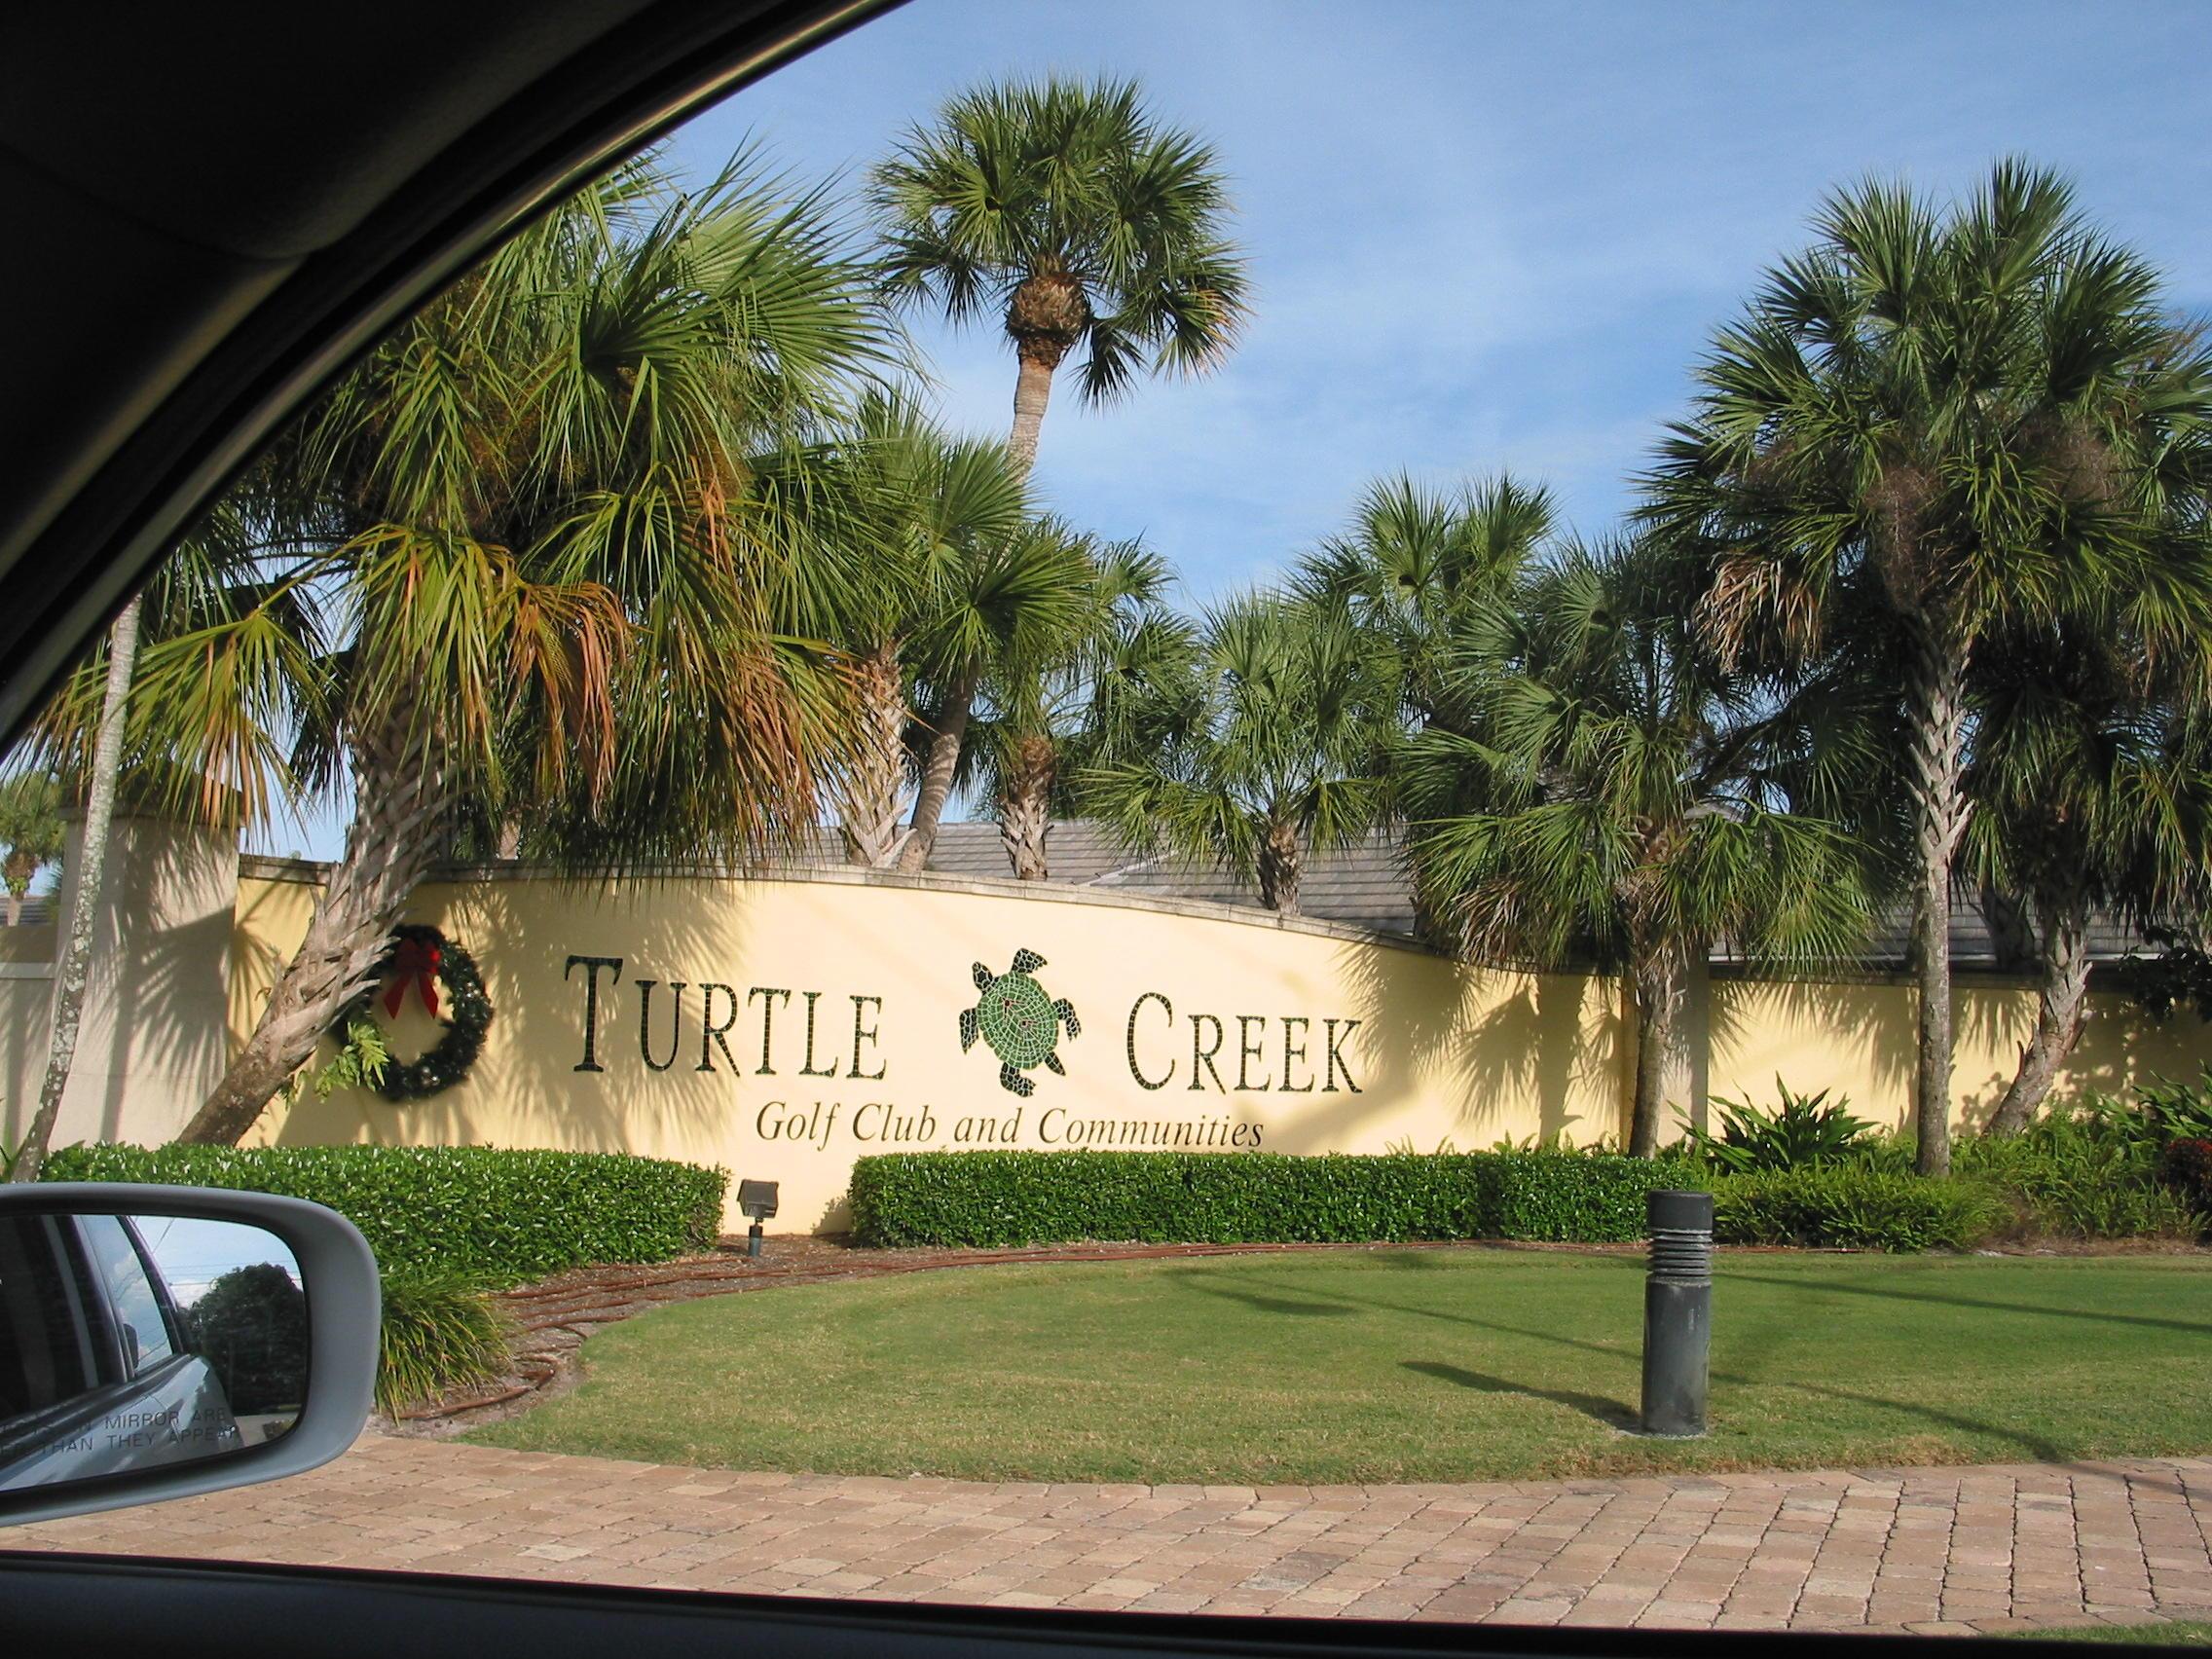 24 Se Turtle Creek Drive Tequesta FL 33469